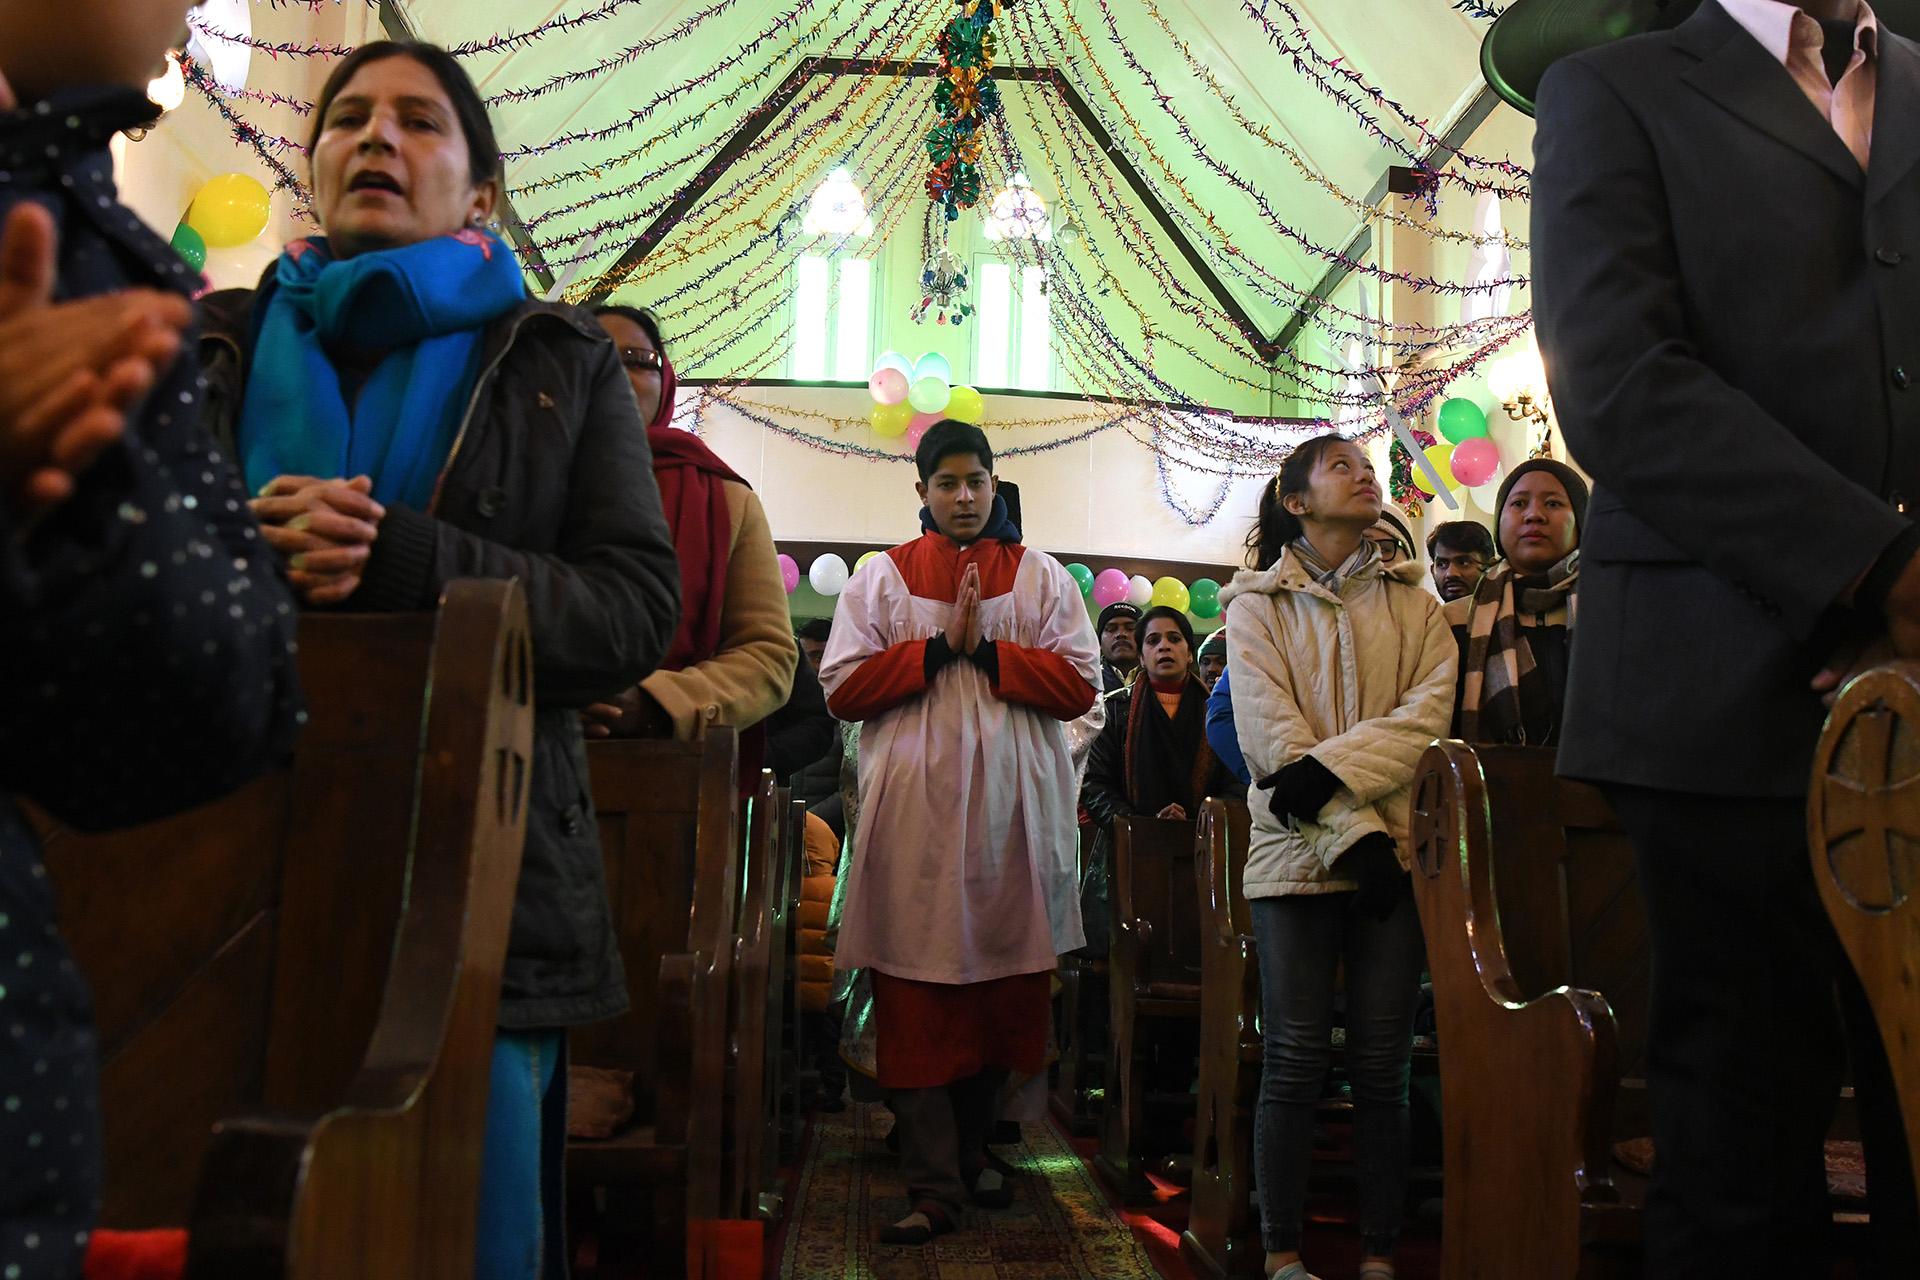 Misa de Navidad en Srinagar, India